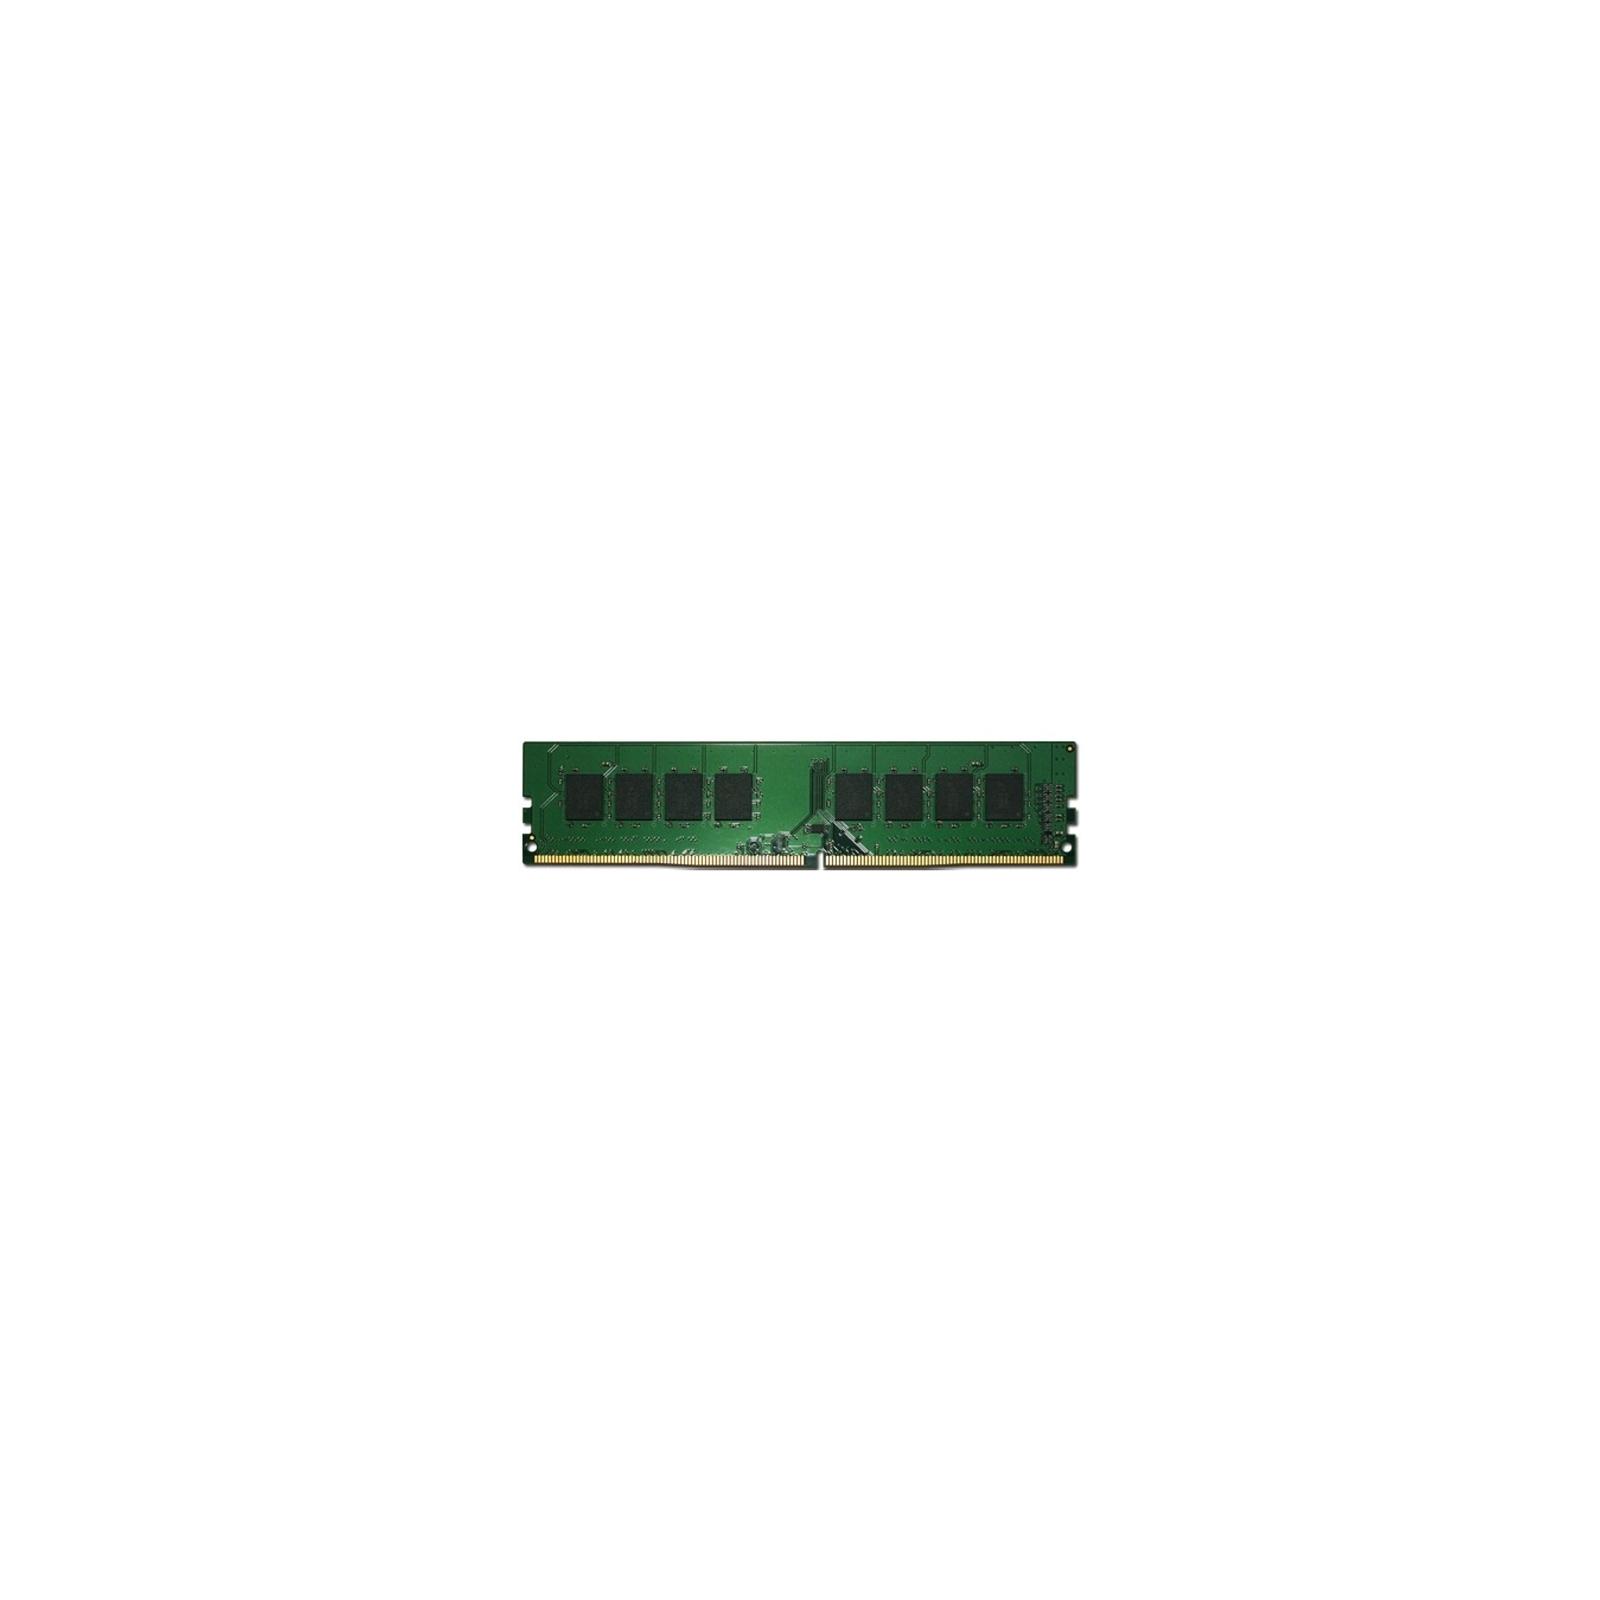 Модуль памяти для компьютера DDR4 4GB 3466 MHz eXceleram (E40434A)